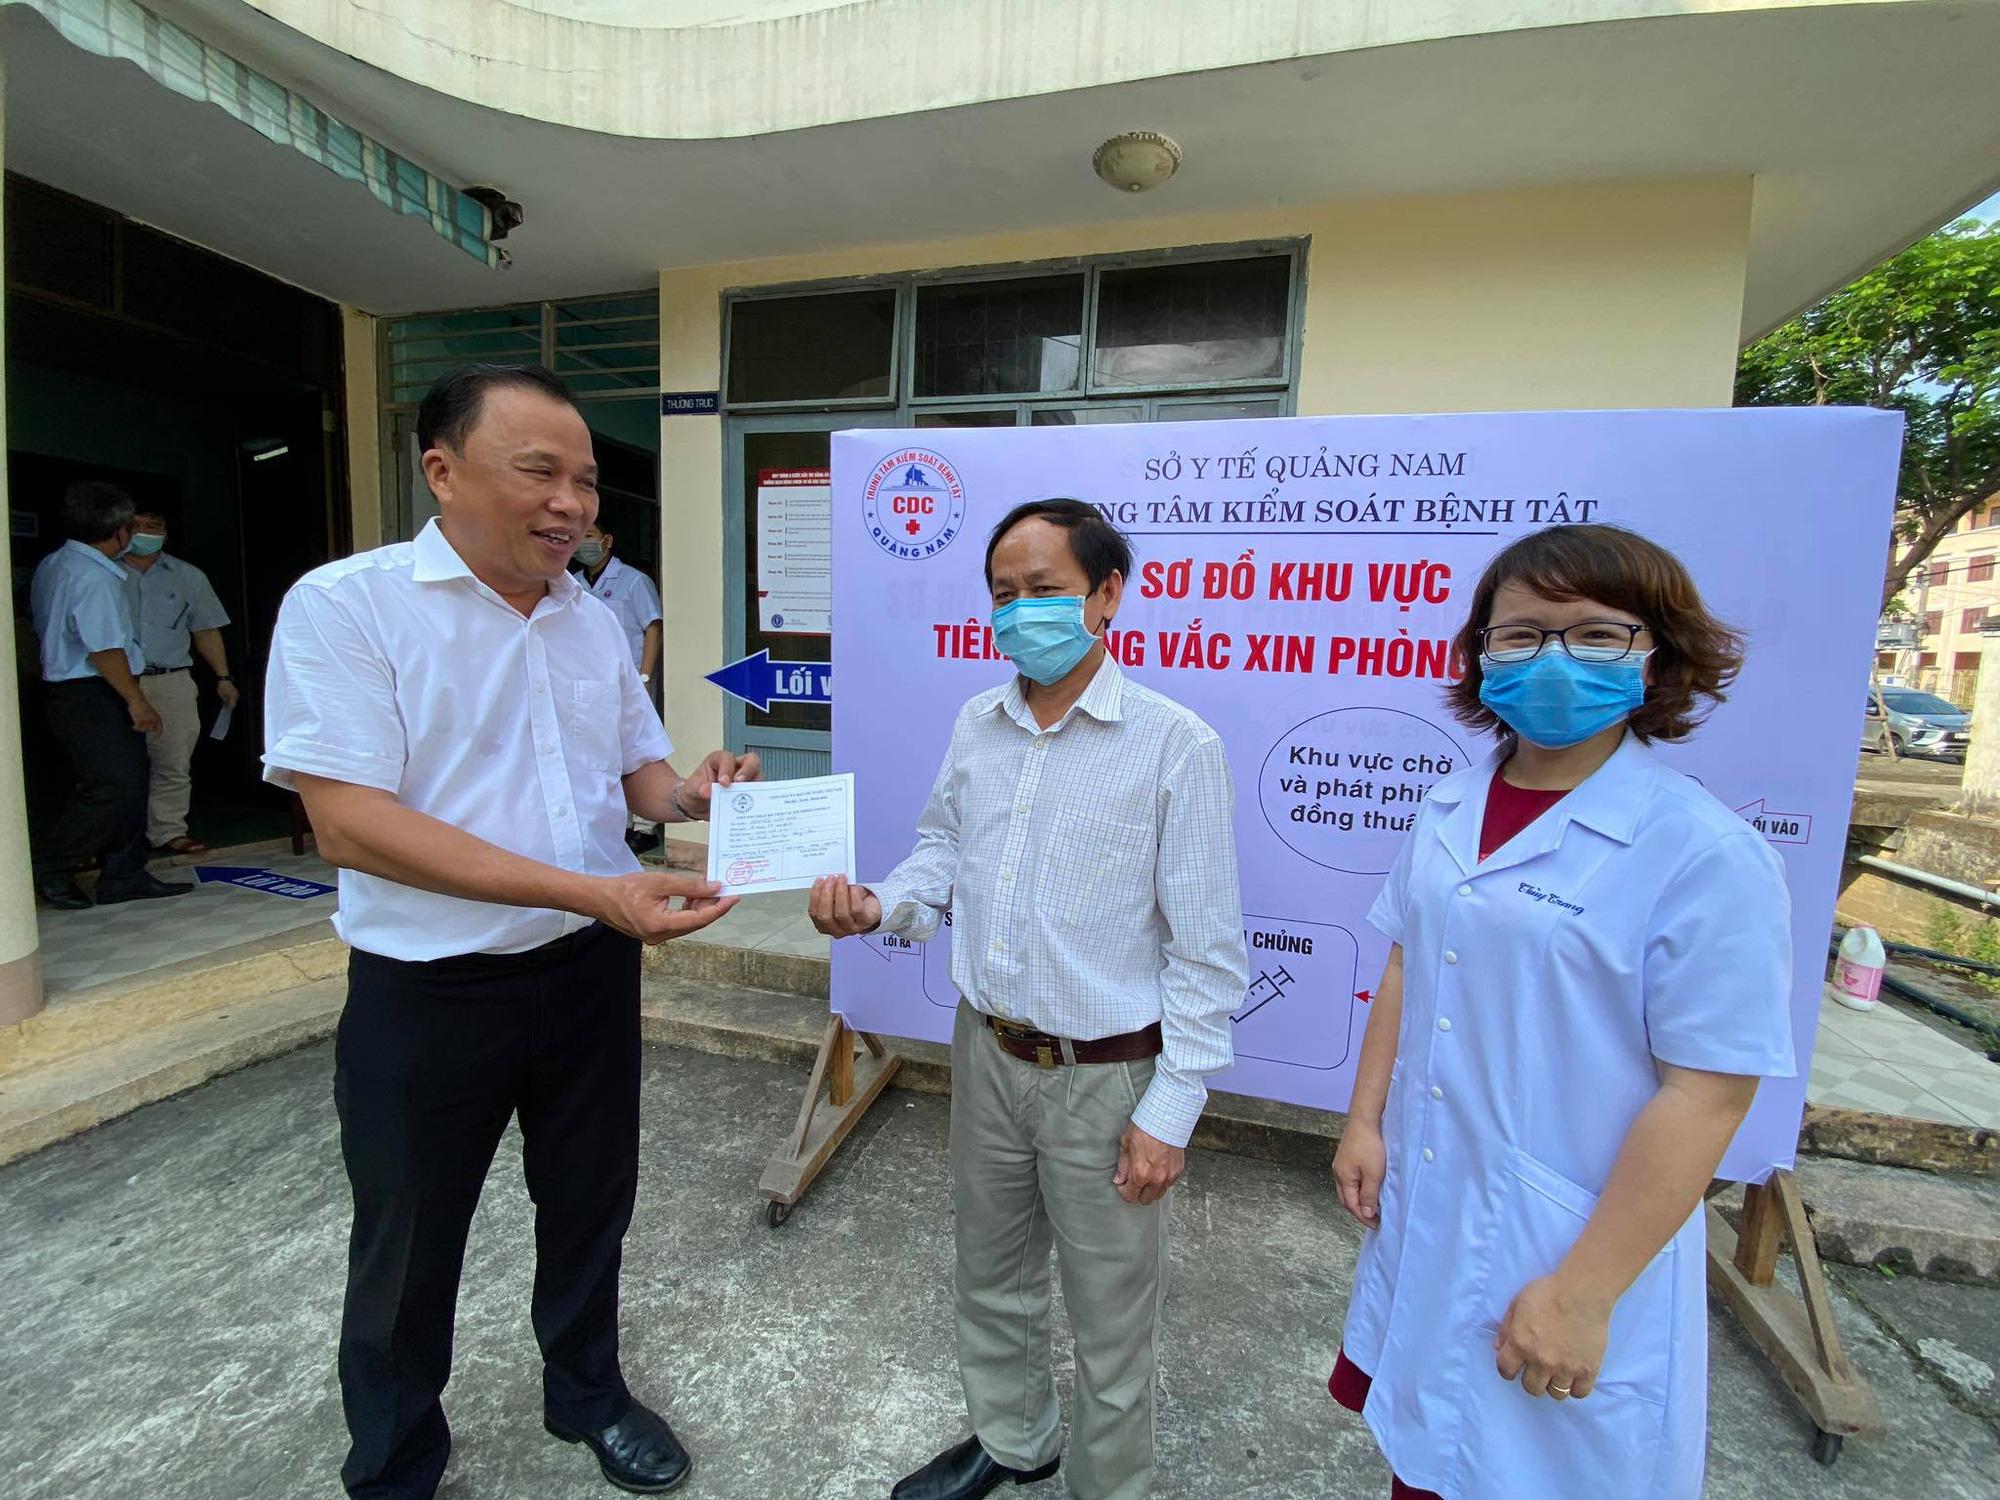 Ngành y tế Quảng Nam triển khai tiêm 8.400 liều vắc xin ngừa Covid-19 - Ảnh 3.